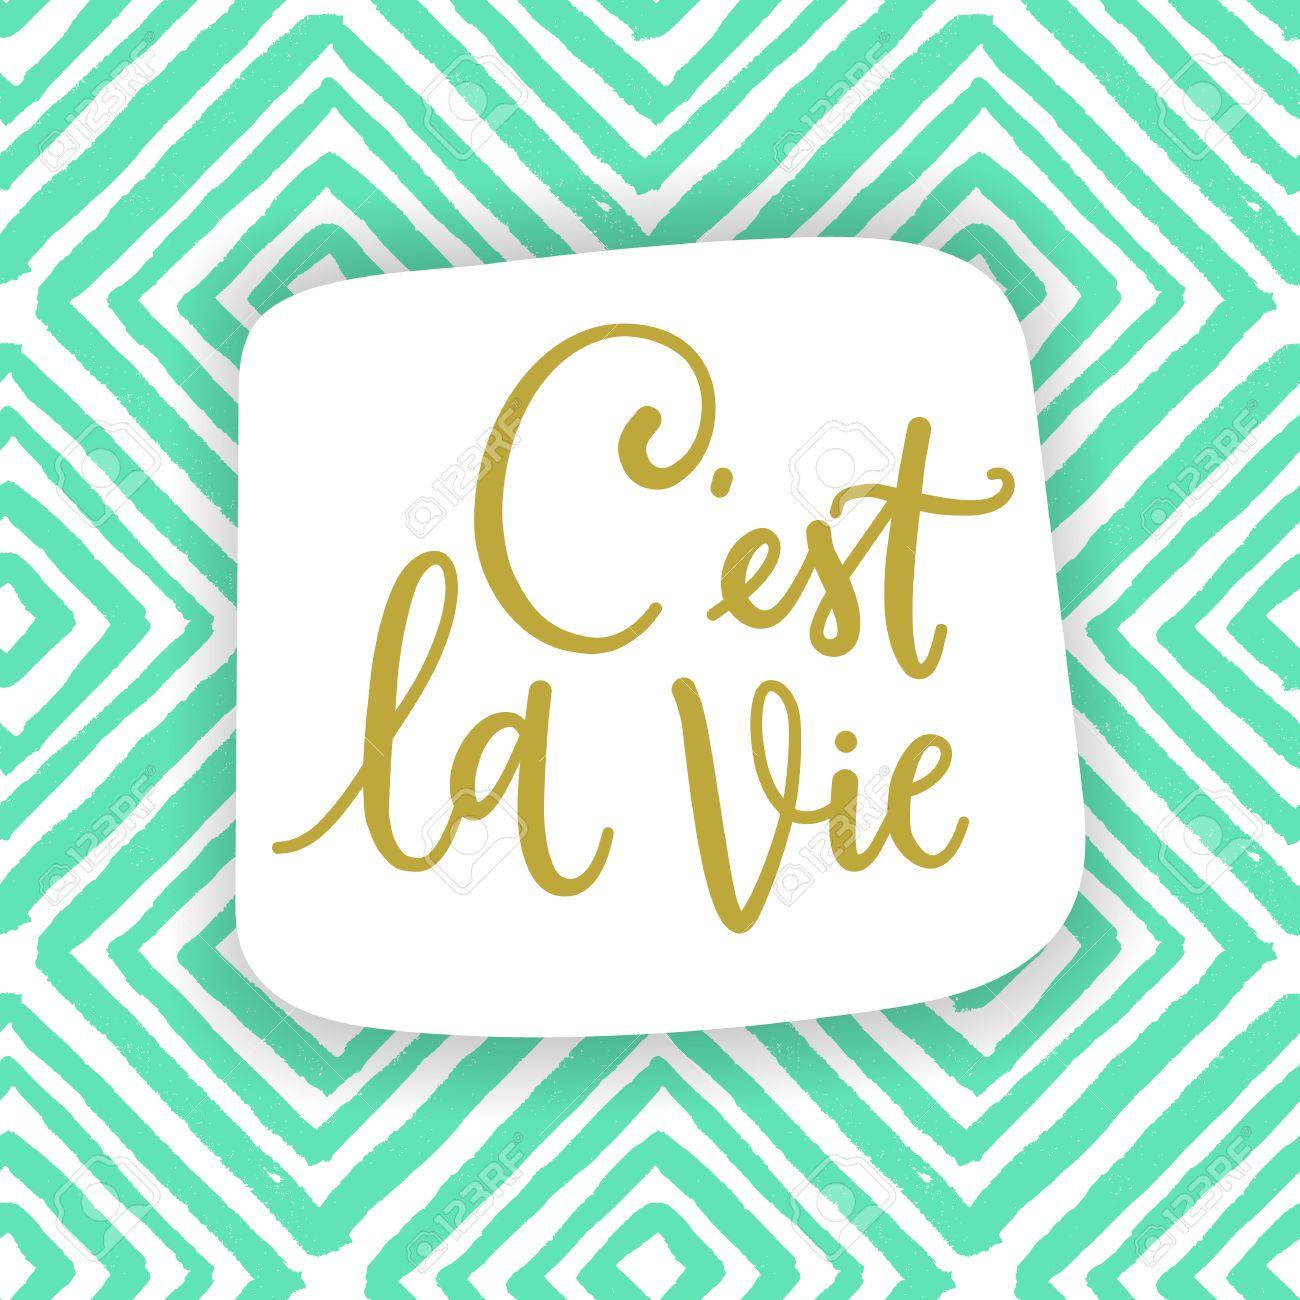 Así Es La Vida Frase En Francés Quiere Decir Que Es La Vida Llamar La Cotización Caligráfico Para La Ropa De Moda Y Tarjetas